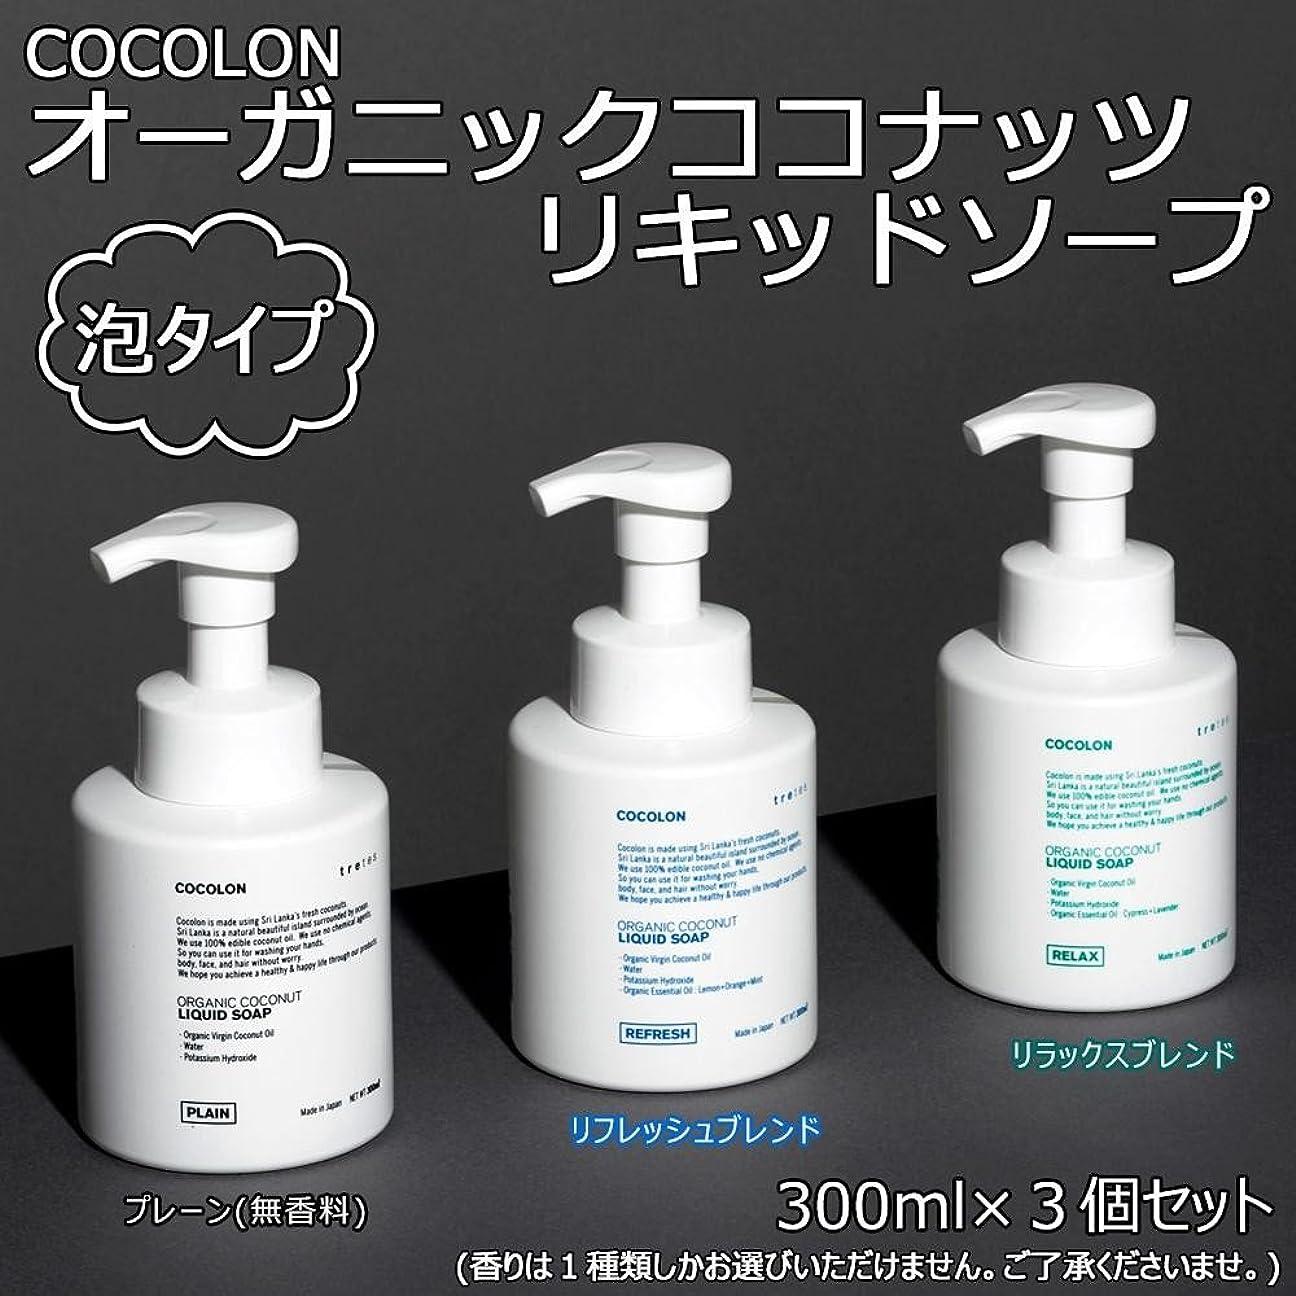 オペラマカダム低いCOCOLON ココロン オーガニックココナッツリキッドソープ 泡タイプ 300ml 3個セット【同梱?代引不可】 ■3種類の内「リラックスブレンド」のみです